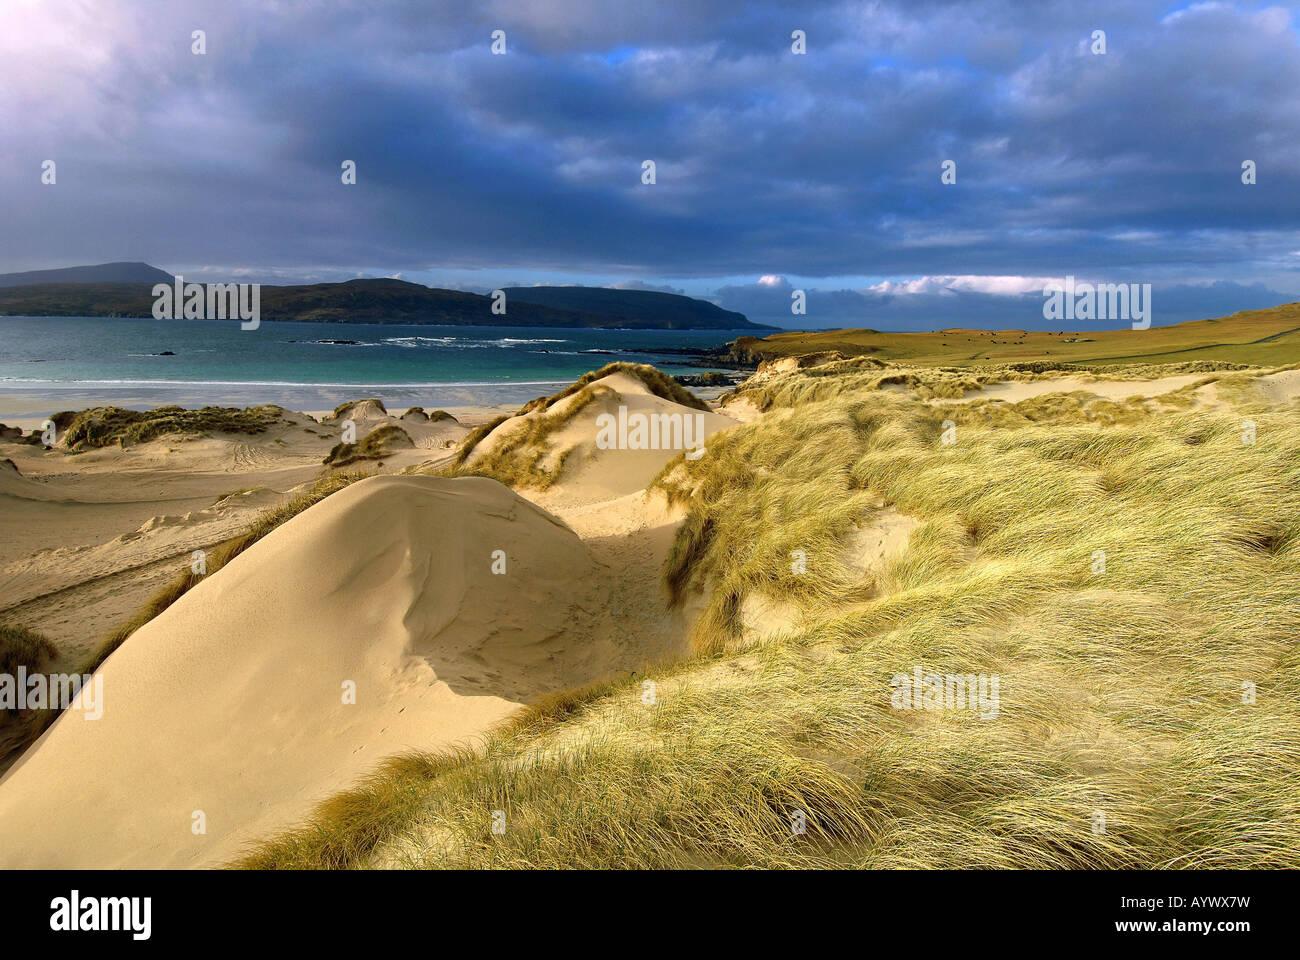 Schottland 2008 Scotland 2008 Balnakeil Bay Cape Wrath balnakeil sutherland durness highlands Foto de stock